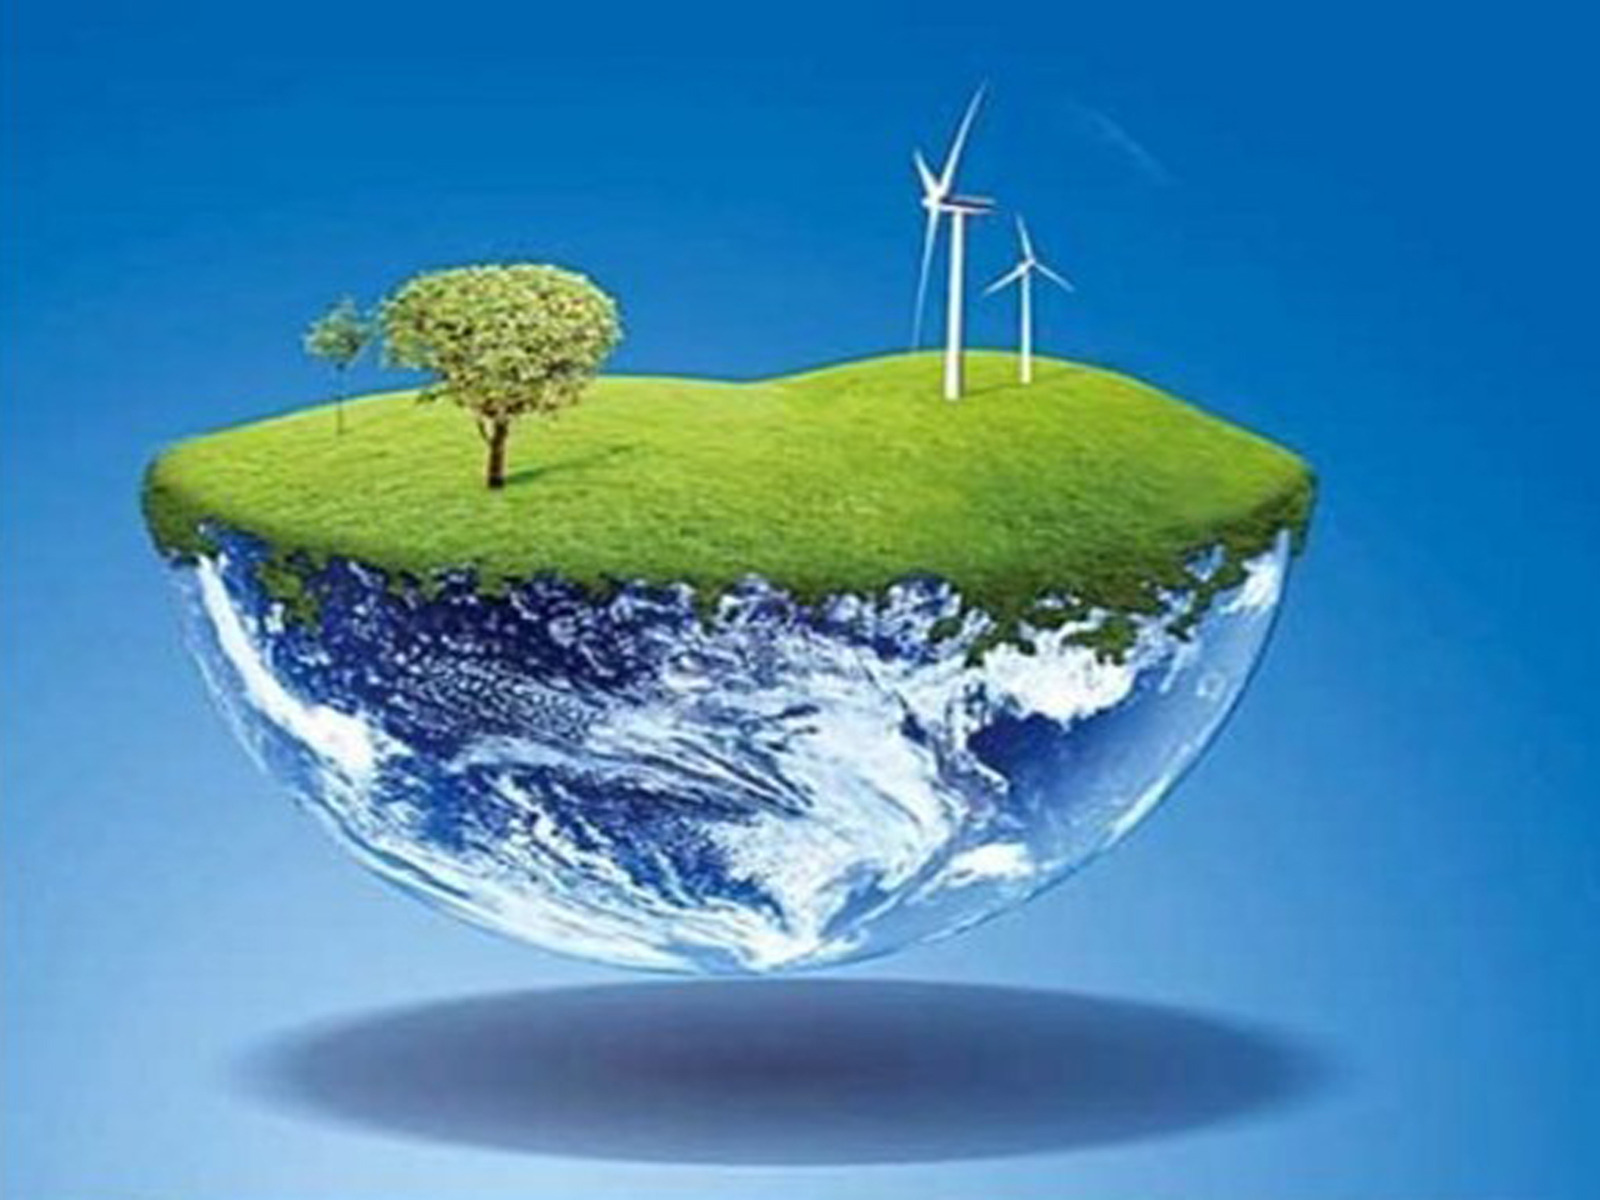 未来低碳绿色环保产品_绿色环保产品图片